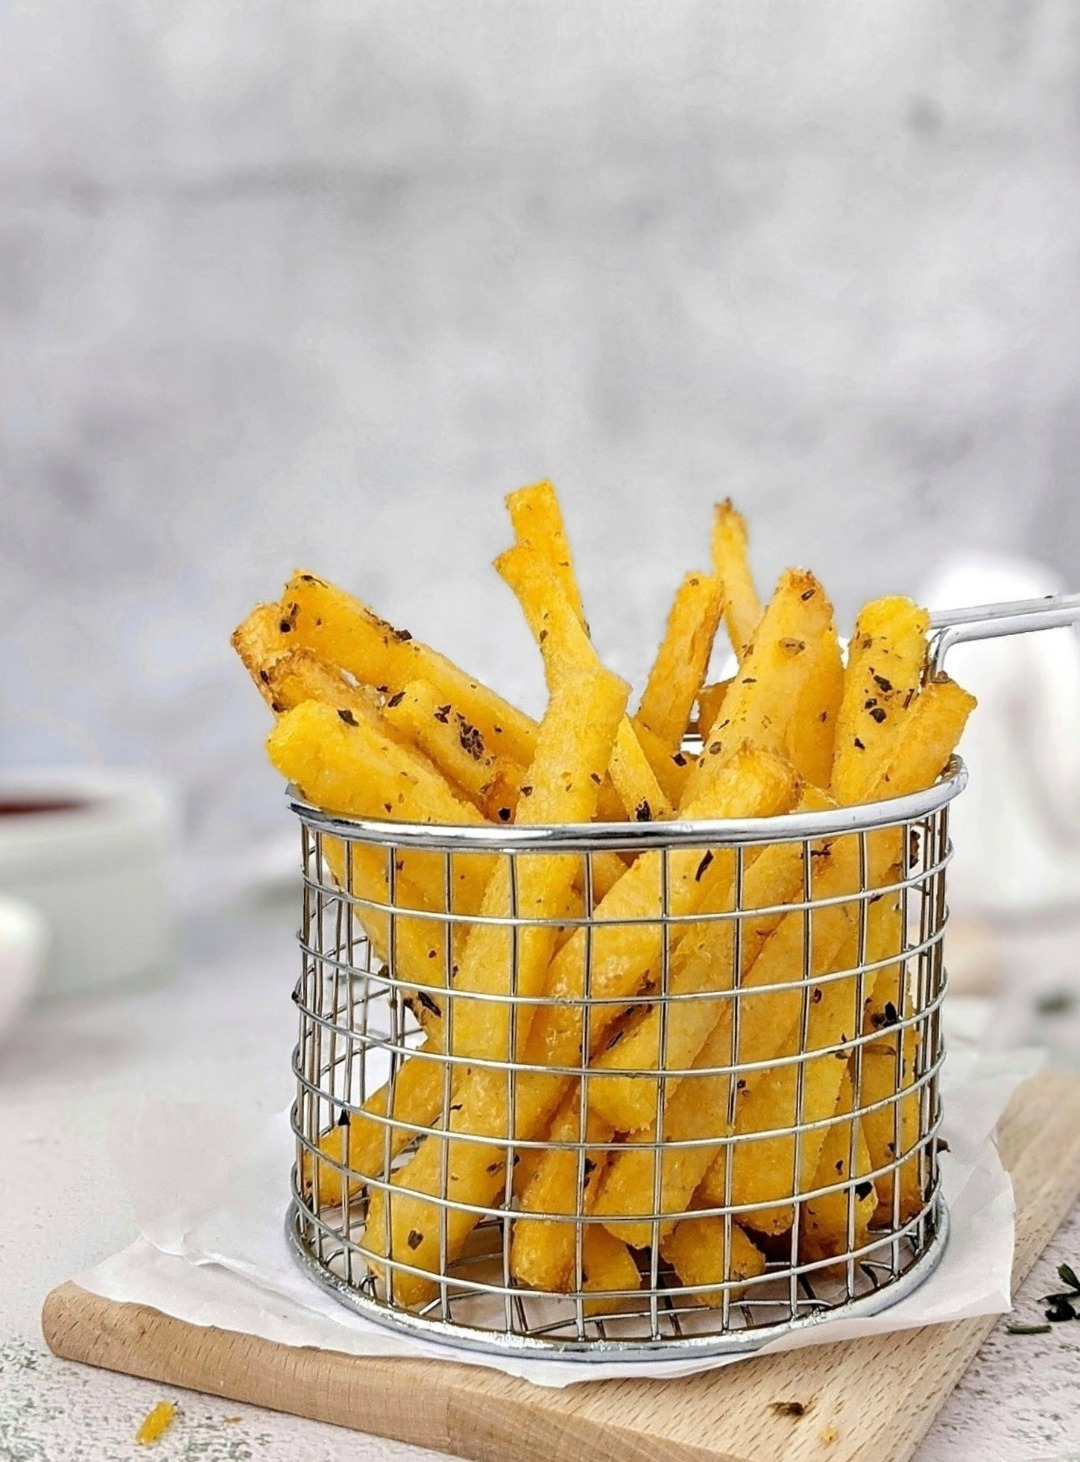 Garlic Herb Baked Polenta Fries Hayl S Kitchen